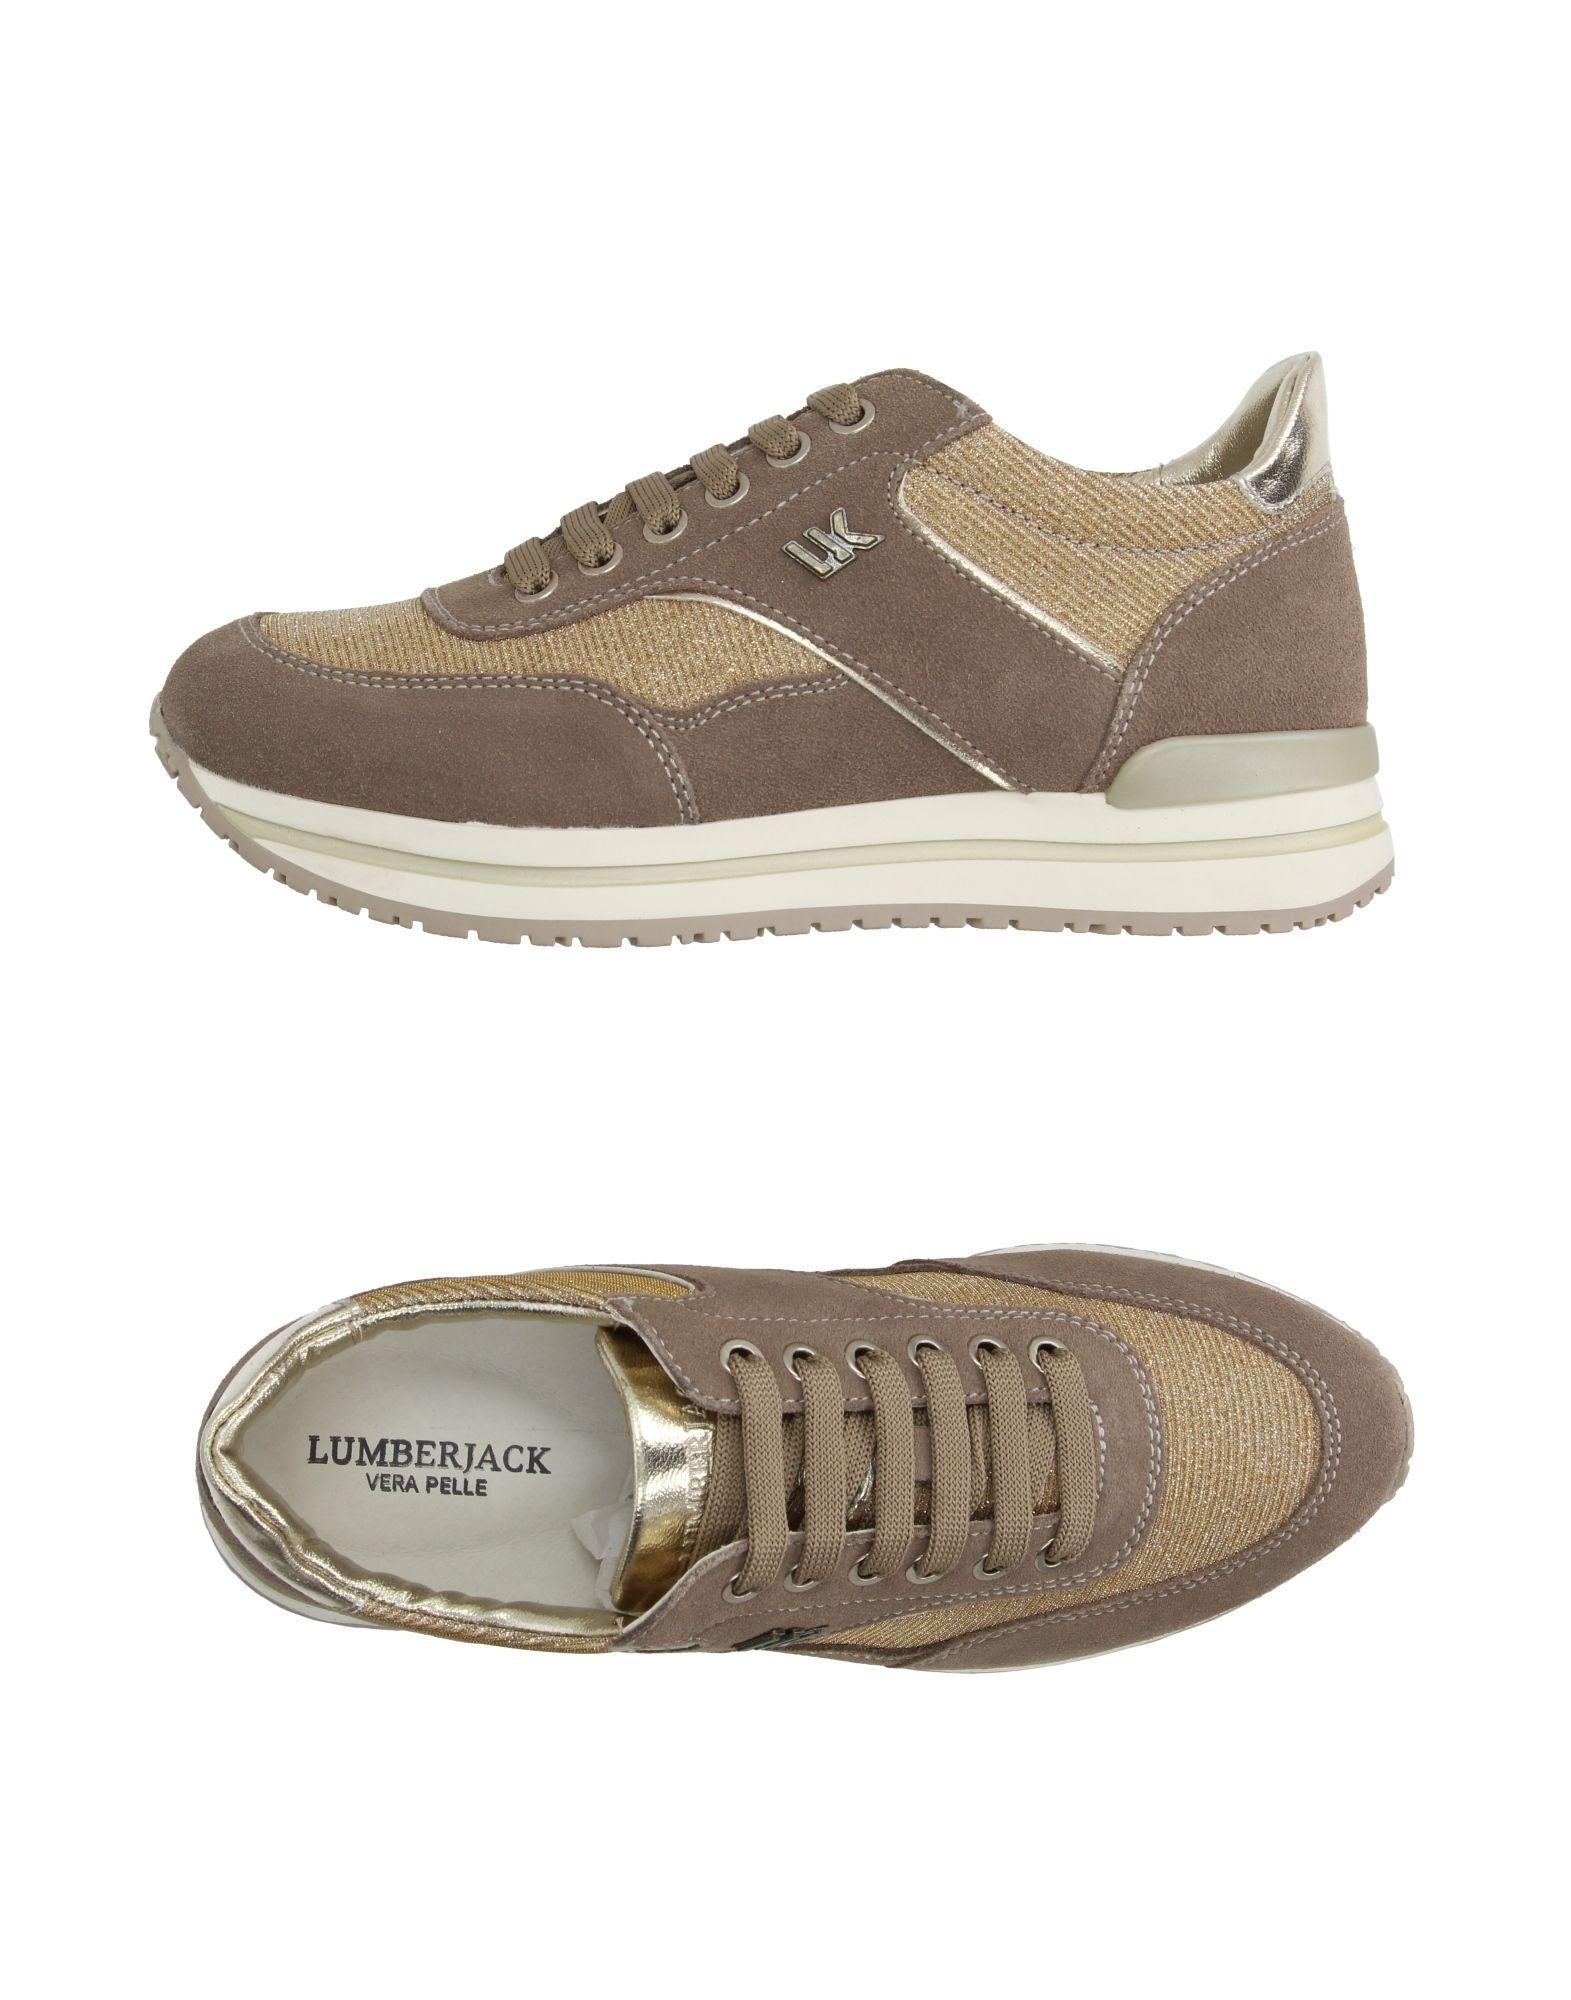 Lumberjack Sneakers Sneakers - Women Lumberjack Sneakers Lumberjack online on  United Kingdom - 11197894XF c805fe